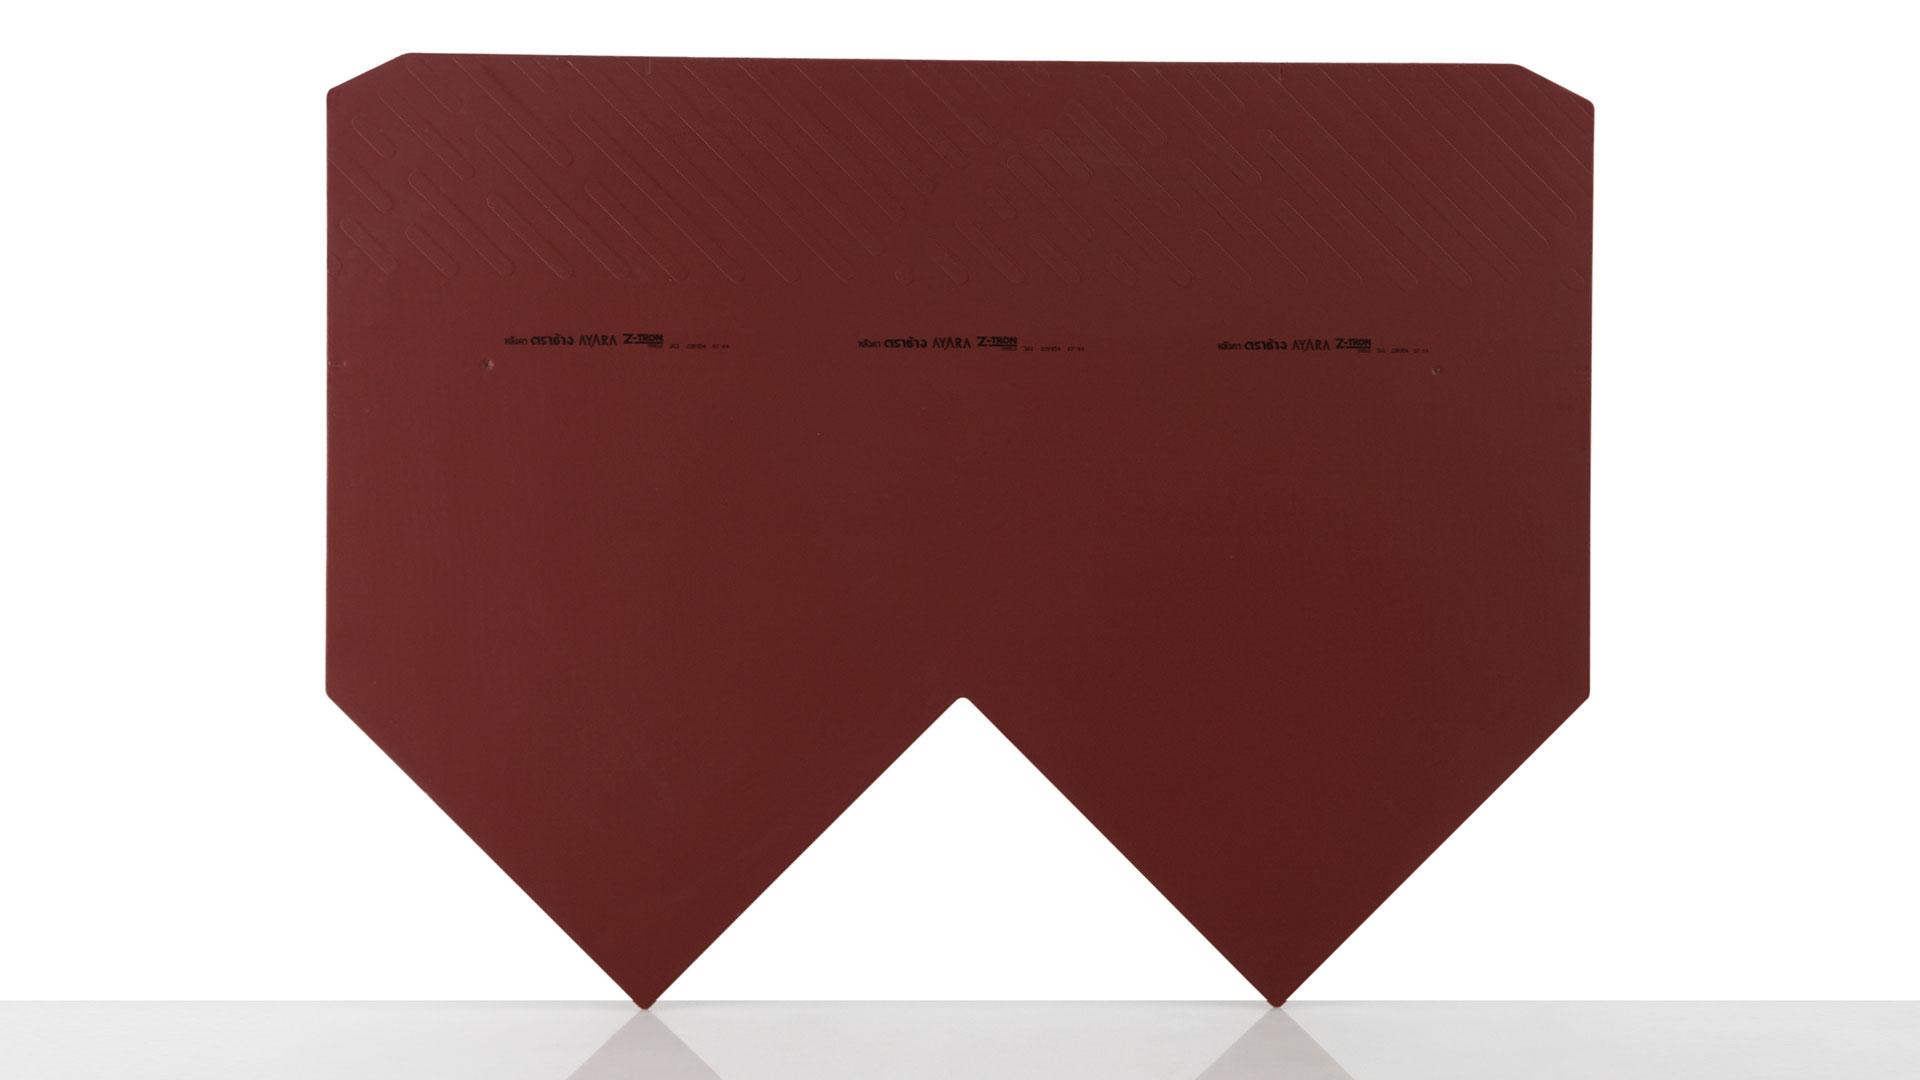 ayara classic granite red_1.jpg